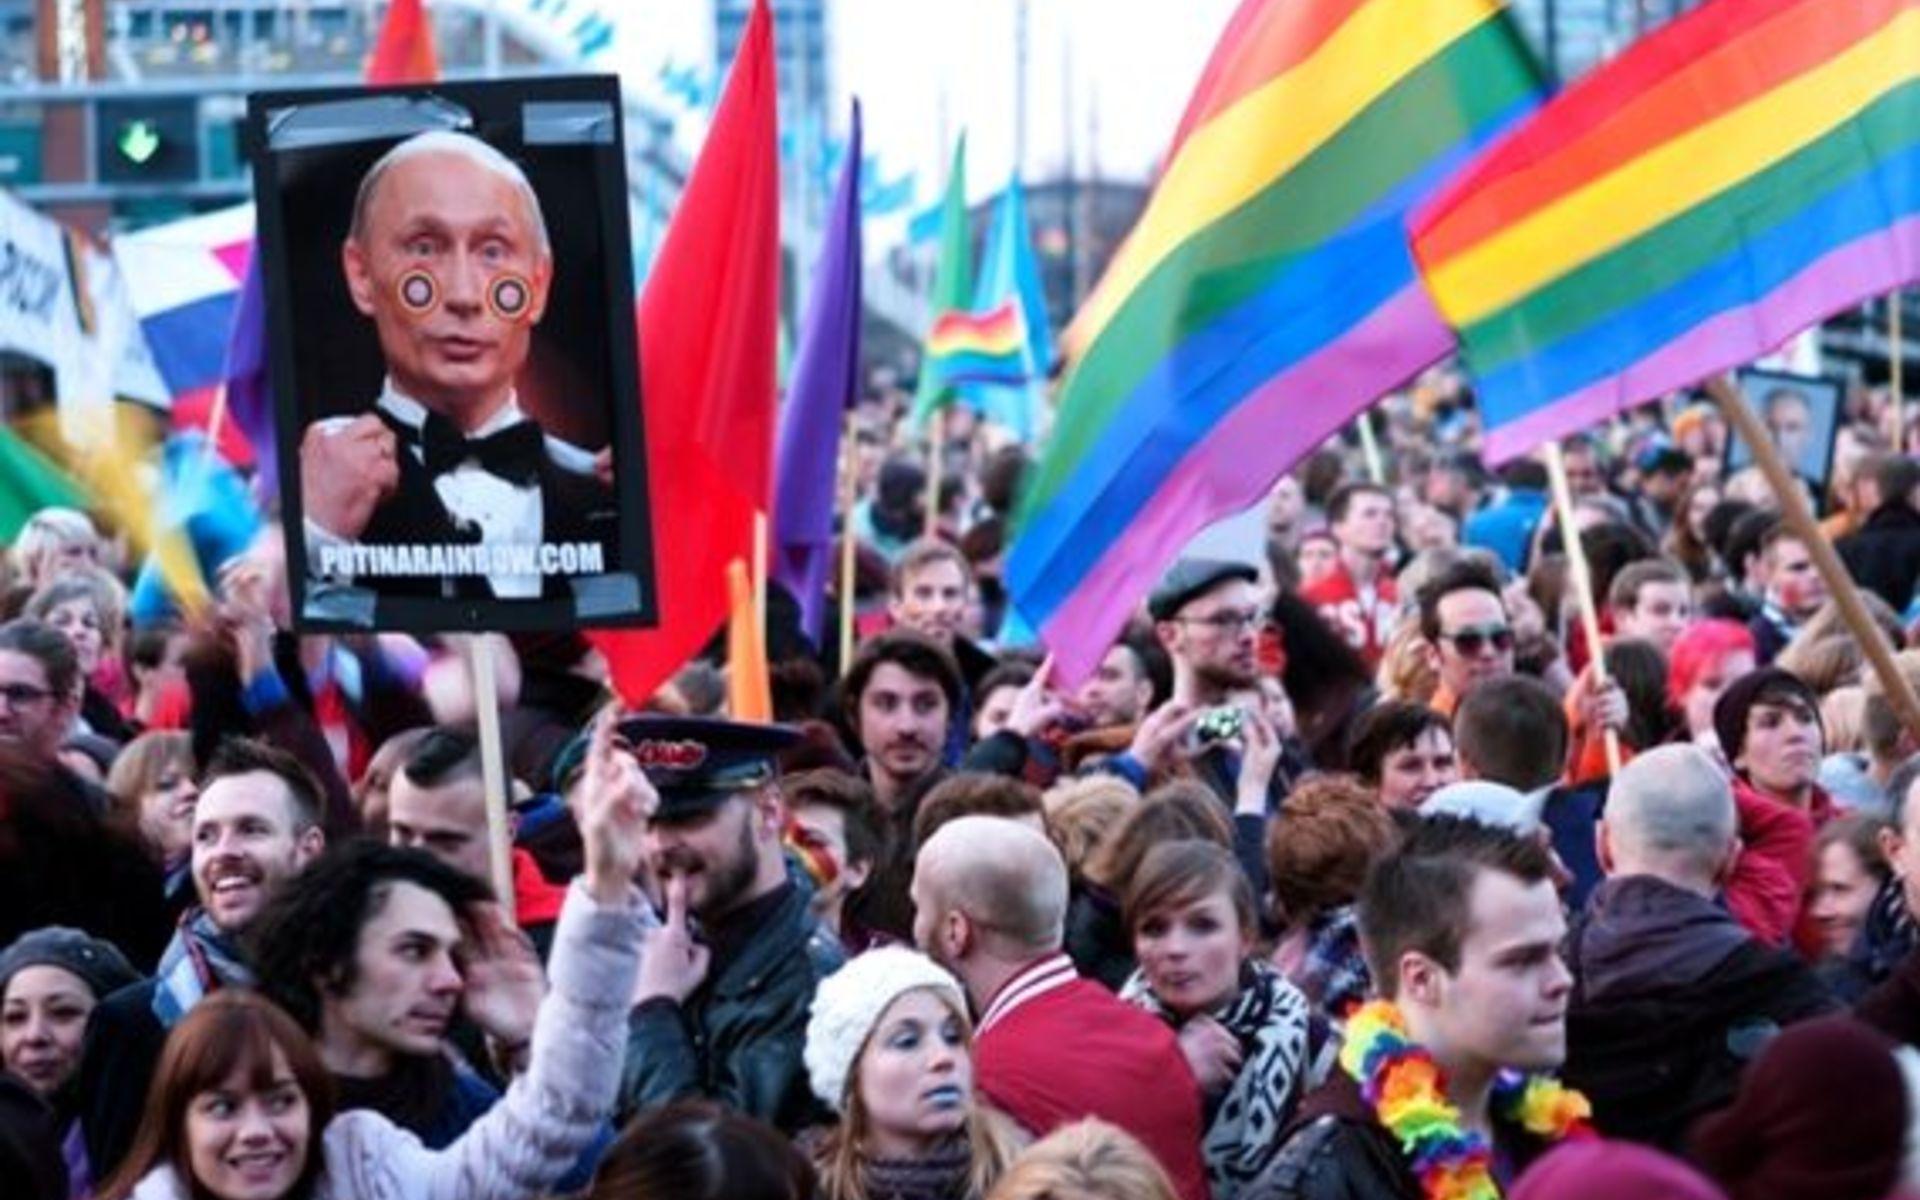 Опять геи кремля наслаждения, непередаваемого